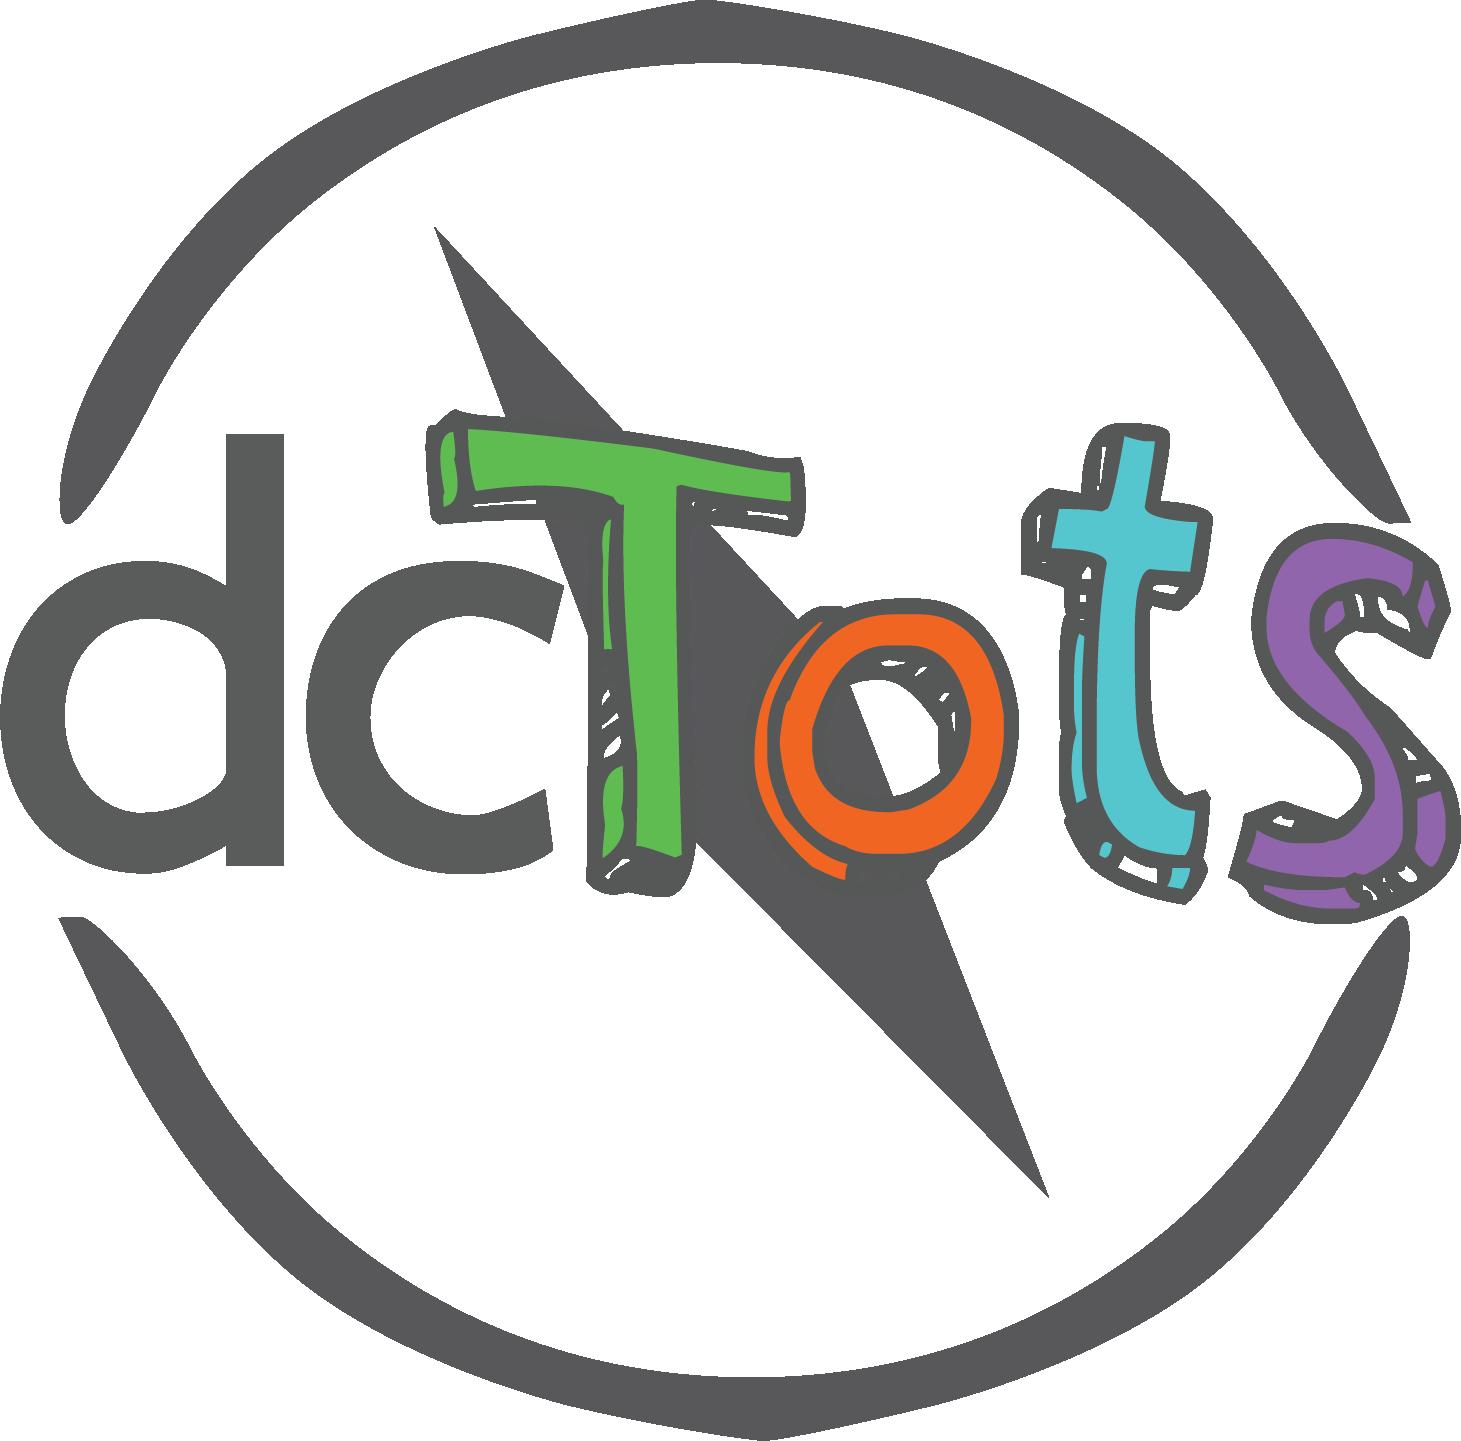 dctots.png